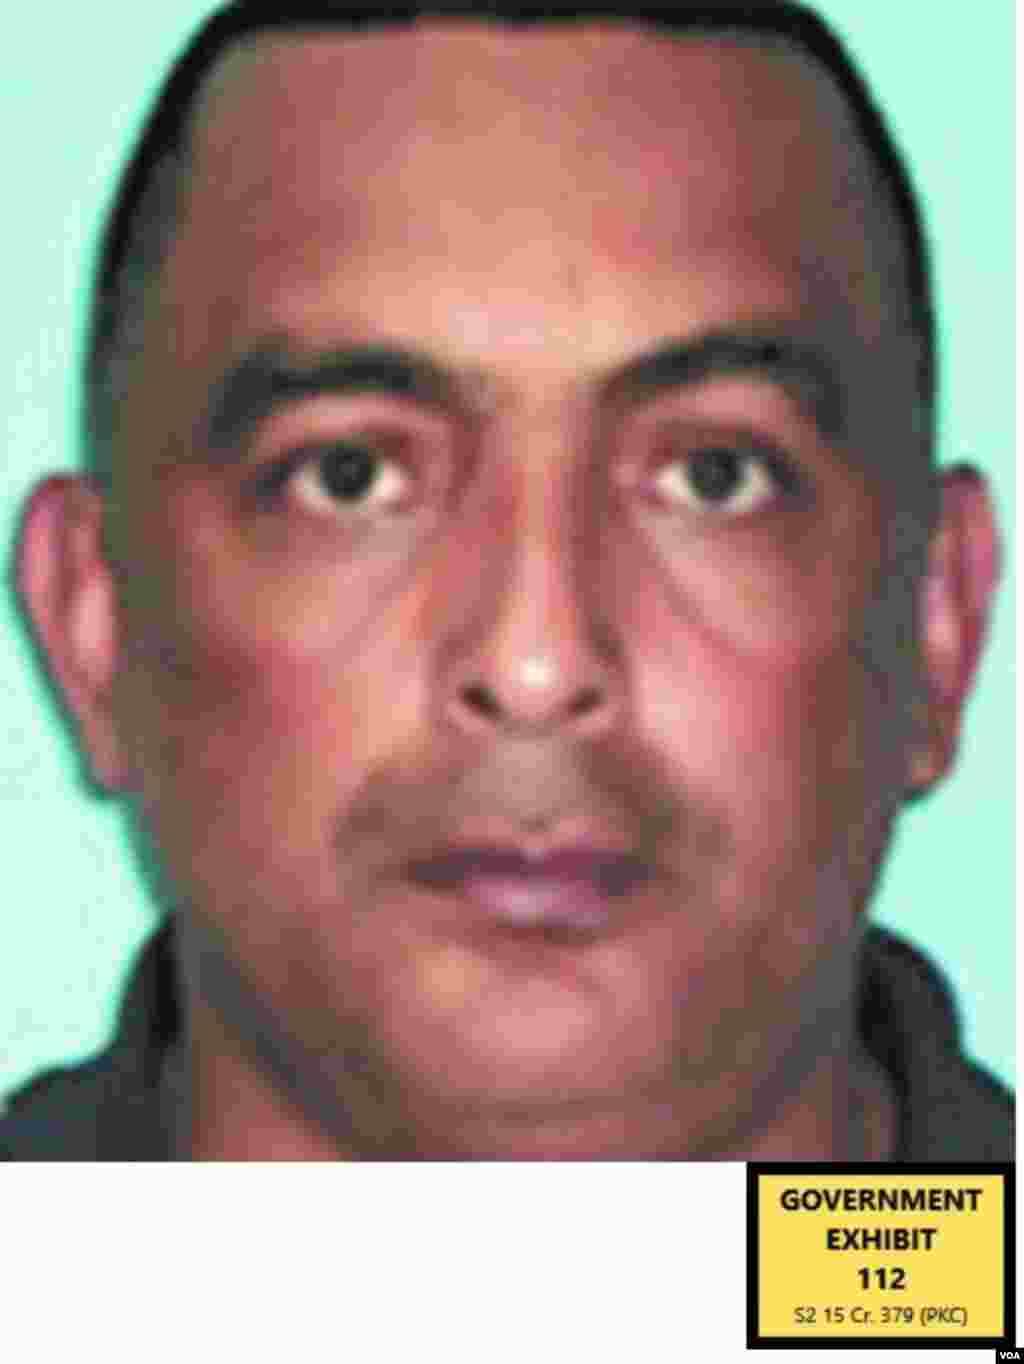 Normando Rafael Lozano, oficial de policía hondureño, jefe en el departamento de Santa Rosa de Copán. Según El Rojo, en 2007, les proporcionó ayuda para custodiar cargamentos de coca por Honduras, especialmente en Copán, límite con Guatemala.